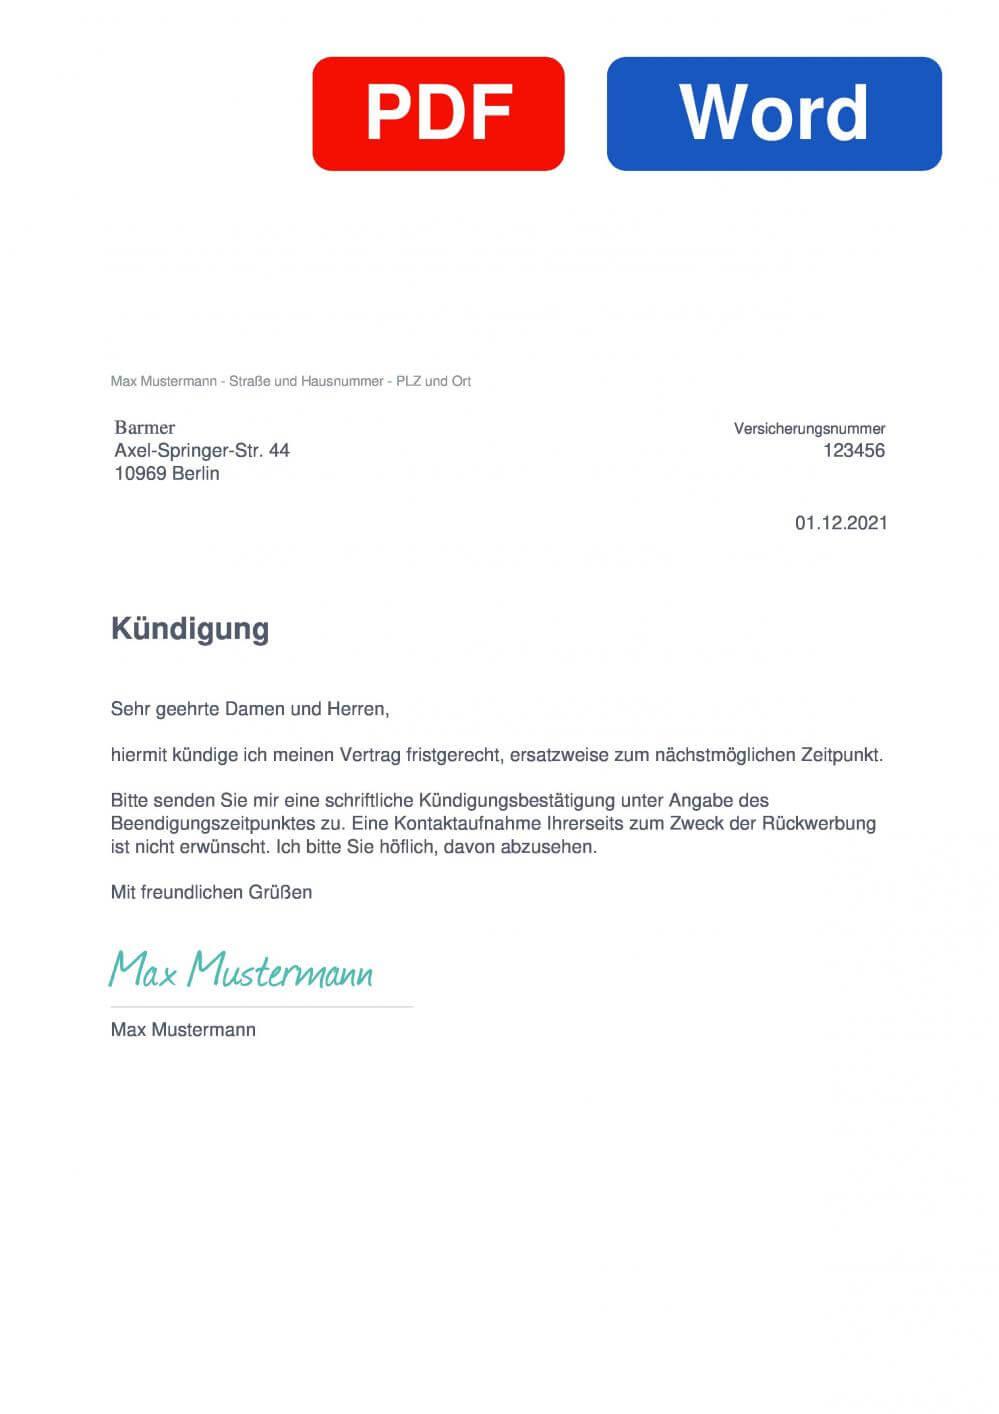 BKK Essanelle Muster Vorlage für Kündigungsschreiben